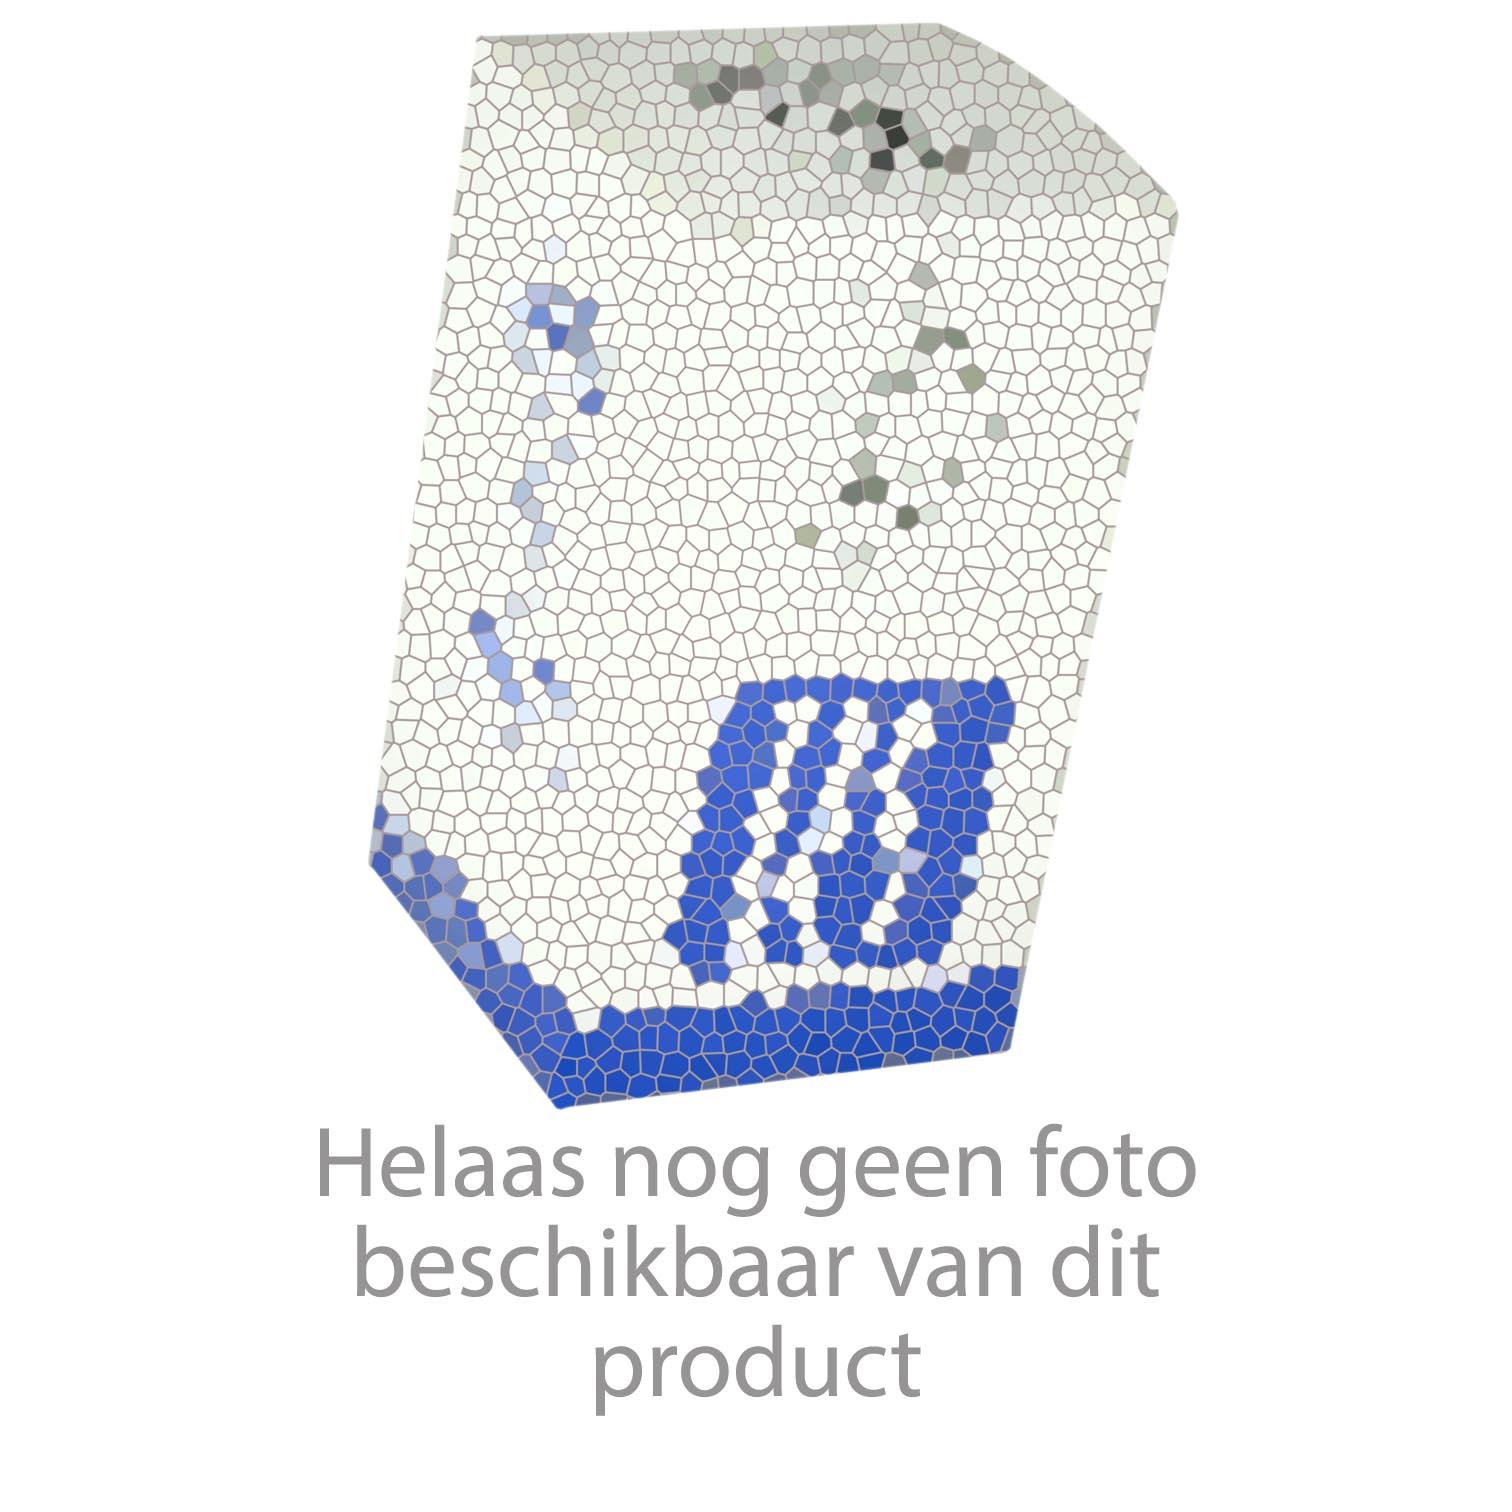 Geberit Gis beugelclip voor afvoerleidingen 110mm